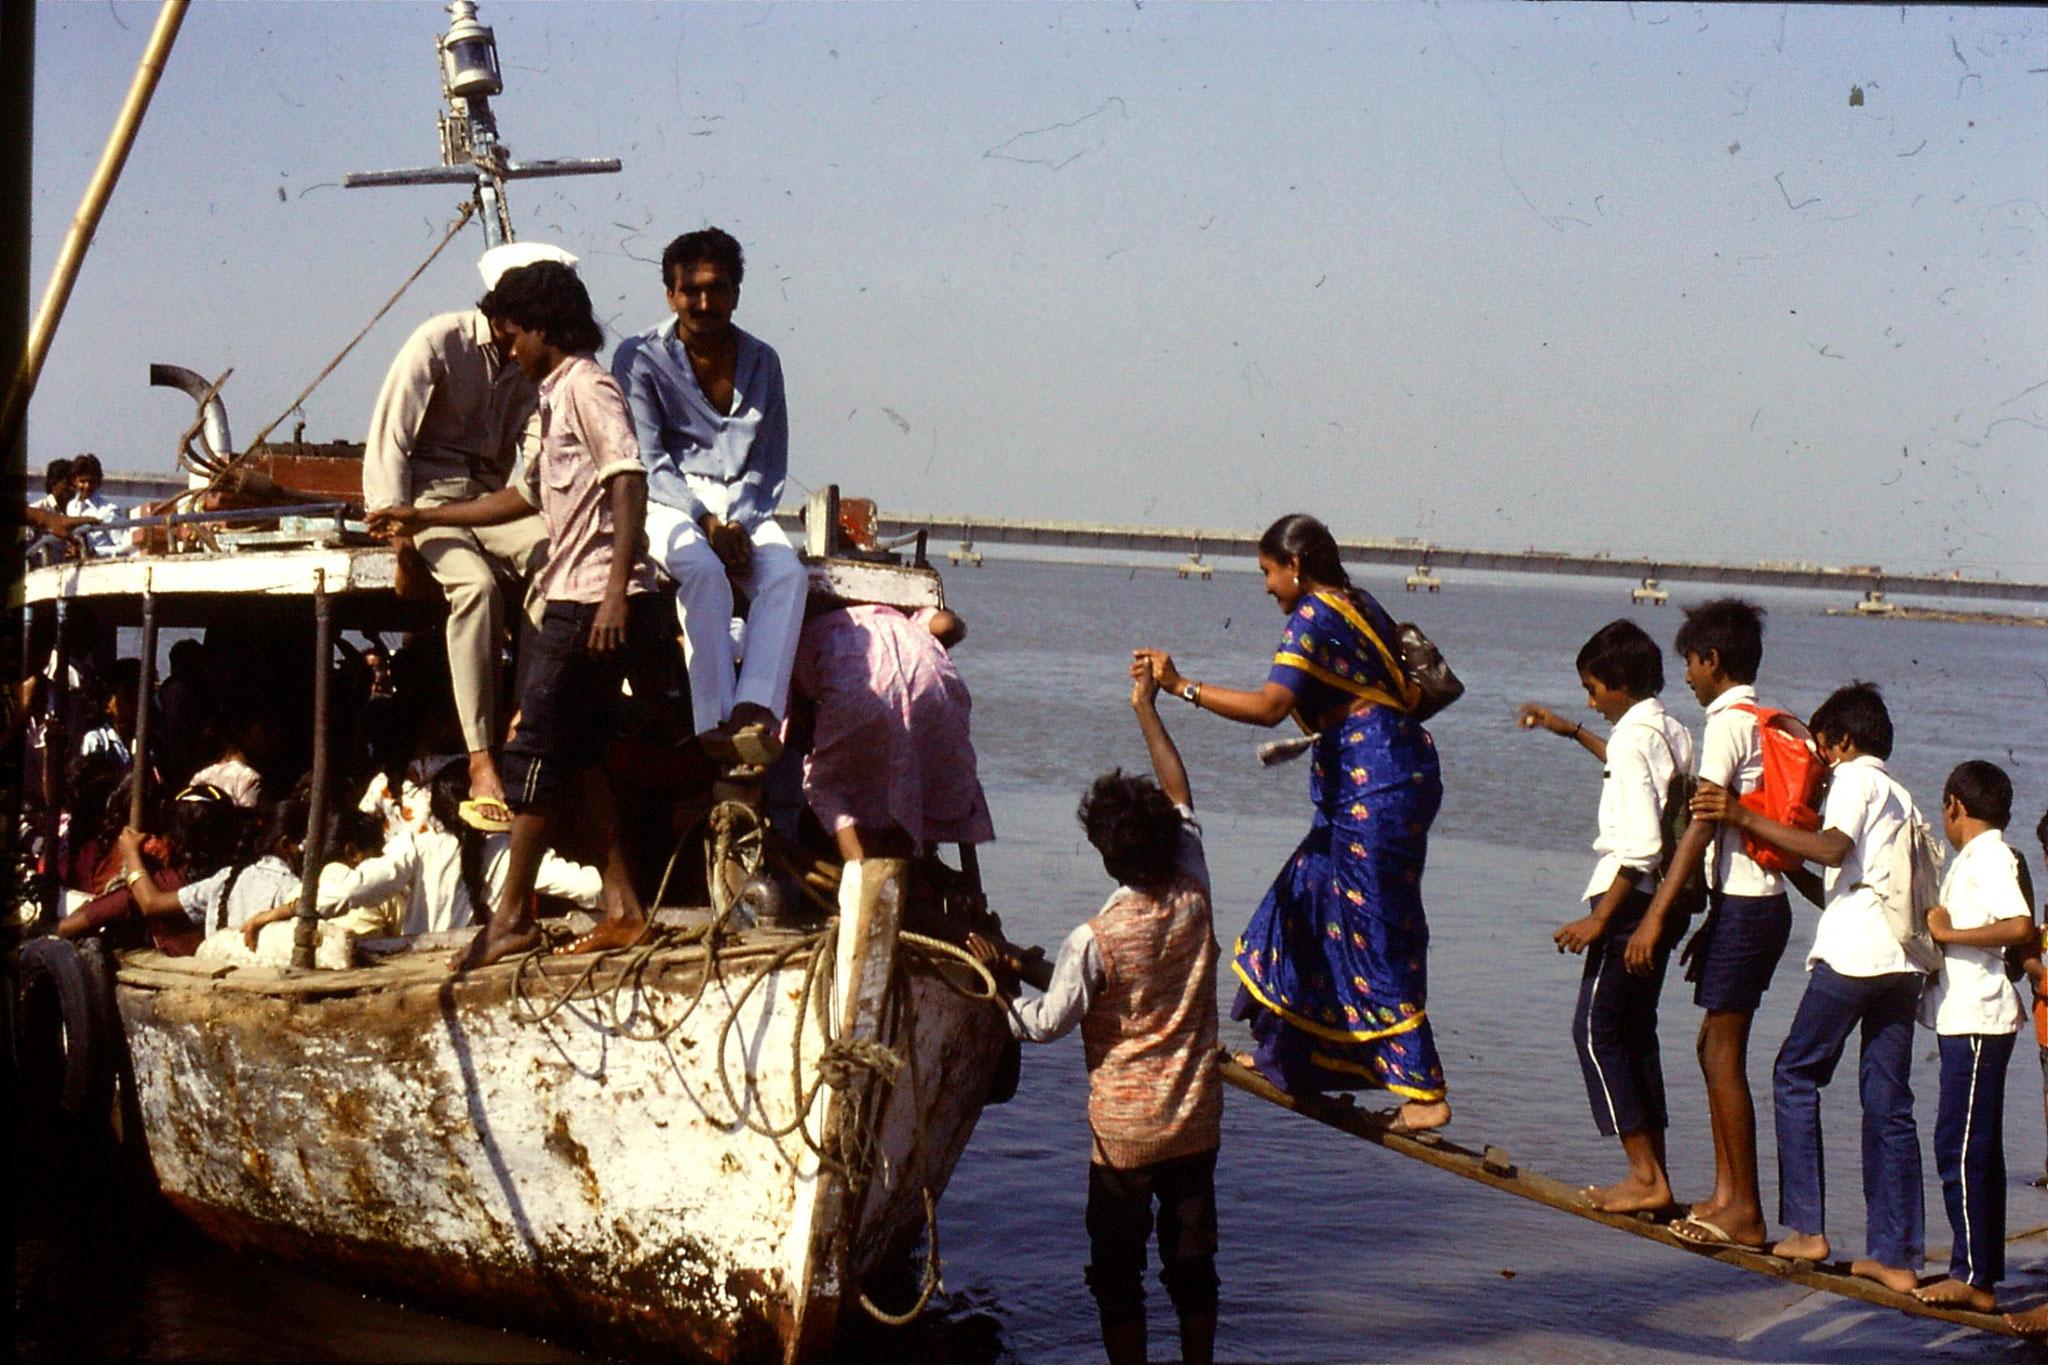 16/12/1989: 10: Diu Goghla boarding ferry